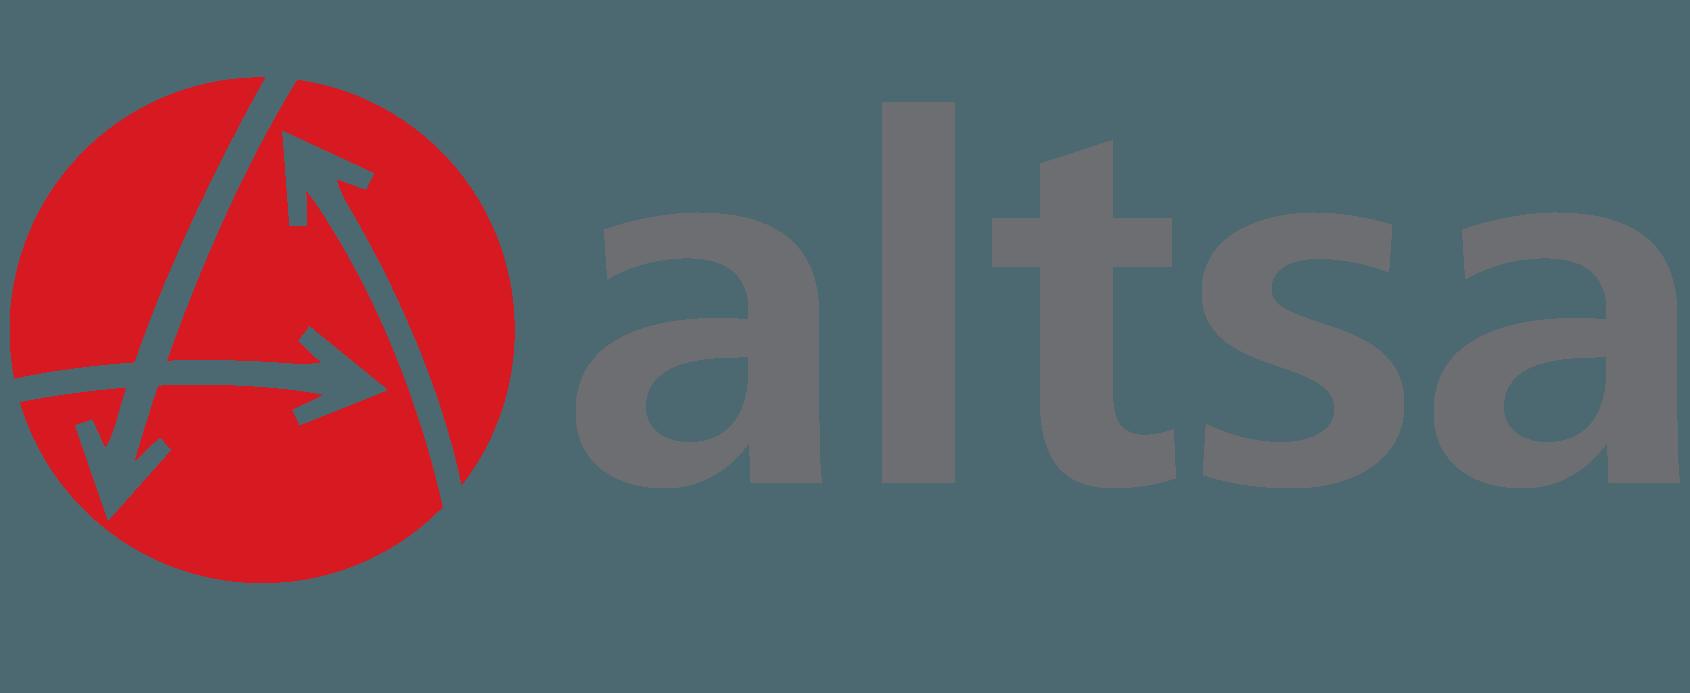 ALTSA | Marchamos de Seguridad | Sistemas Toma Turno | Laminas Policarbonato | Promocionales | Utility Industry